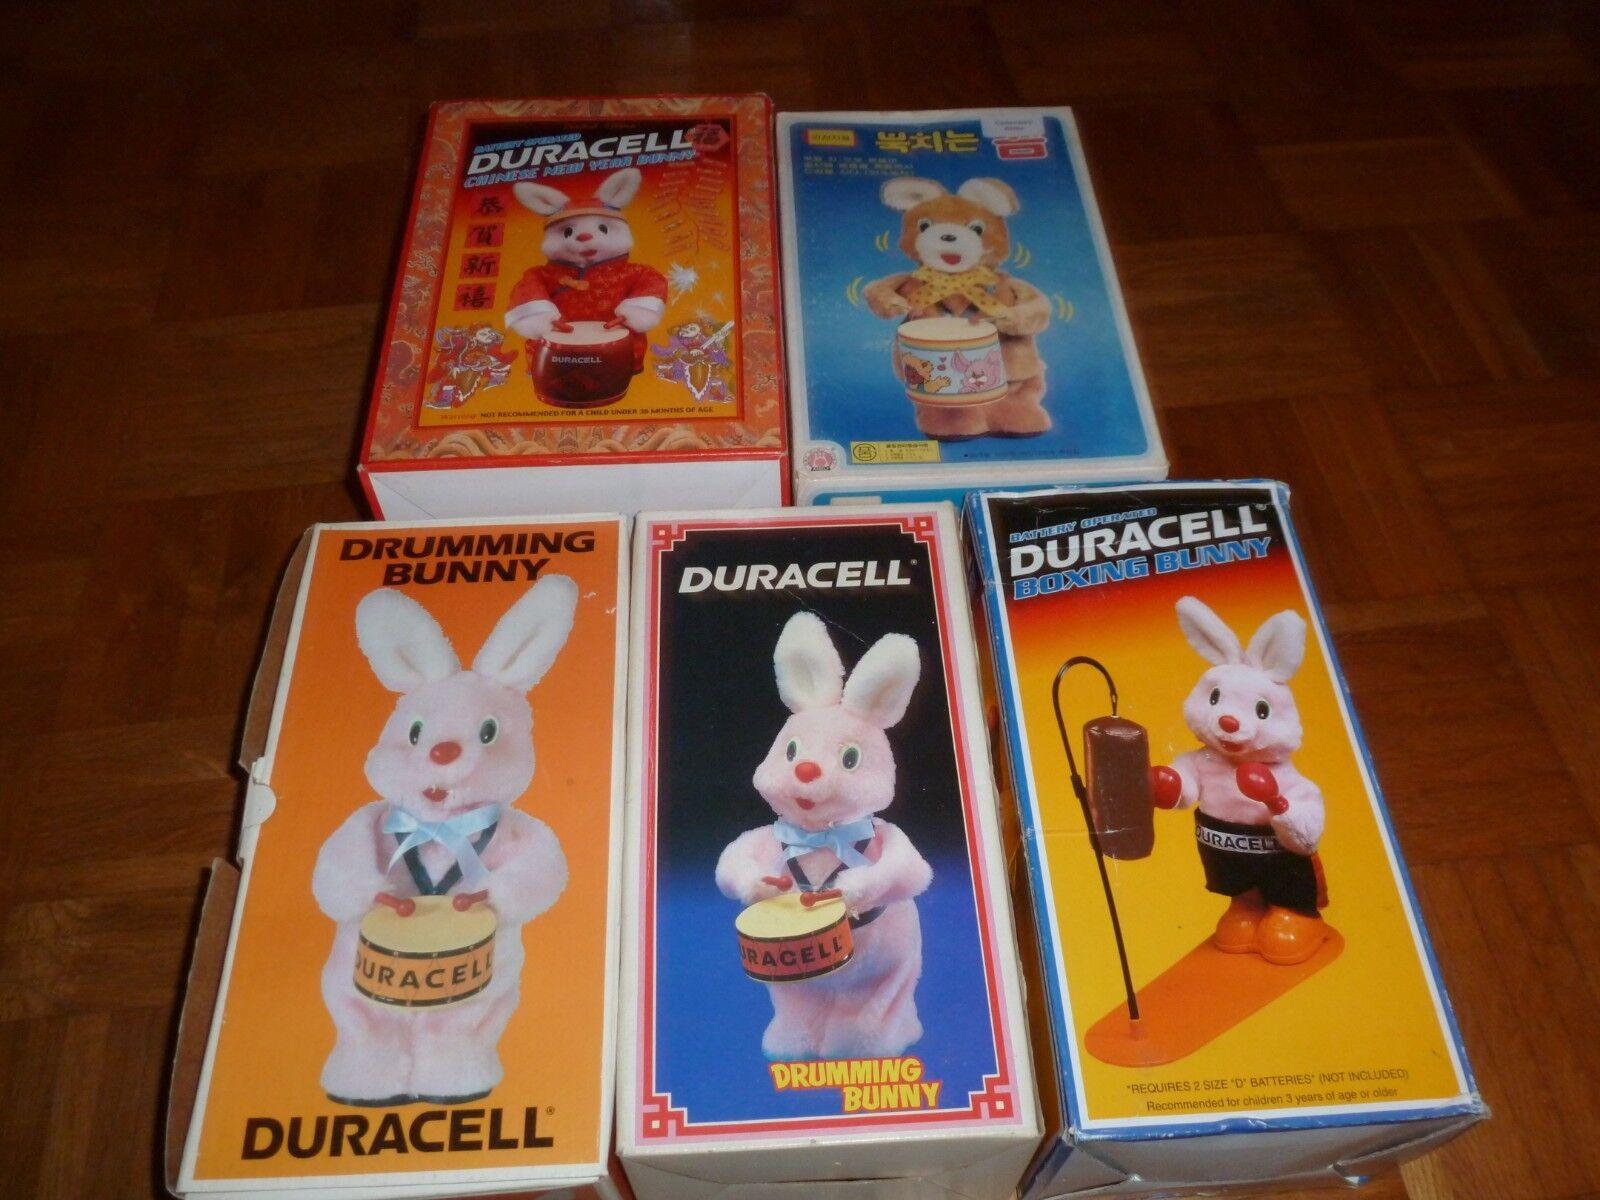 DURACEL 5x EMPTY BOXES DURACEL etc - BUNNY - approximate H30.0cm - ONLY BOXES